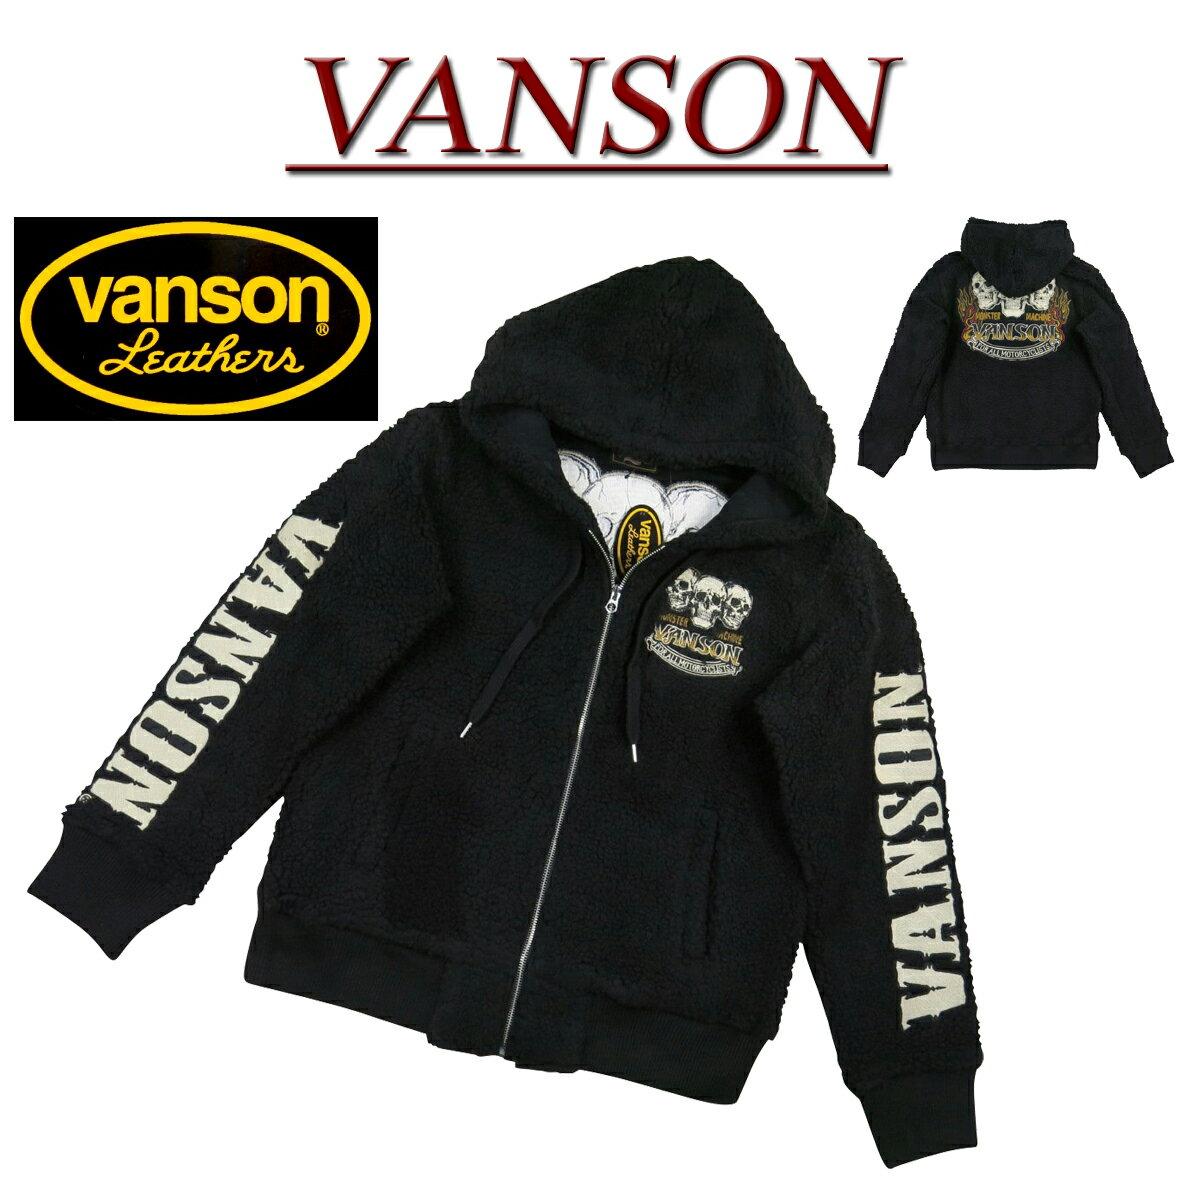 トップス, パーカー 5nb291 VANSON NVSZ-910 BOA FLEECE ZIP HOODIE smtb-kd